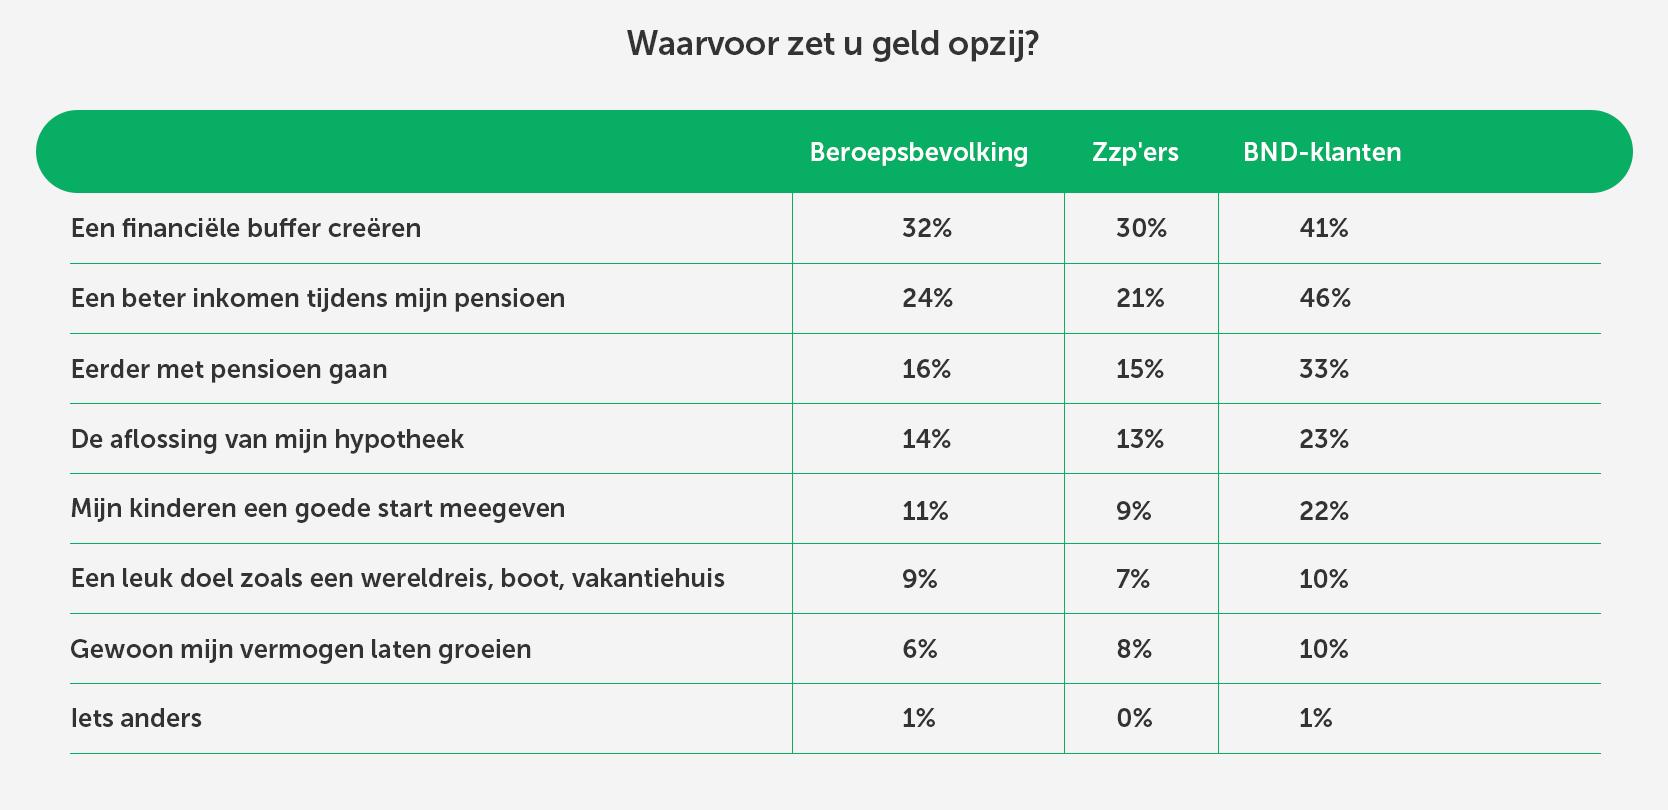 Waarvoor zetten Nederlanders geld opzij?